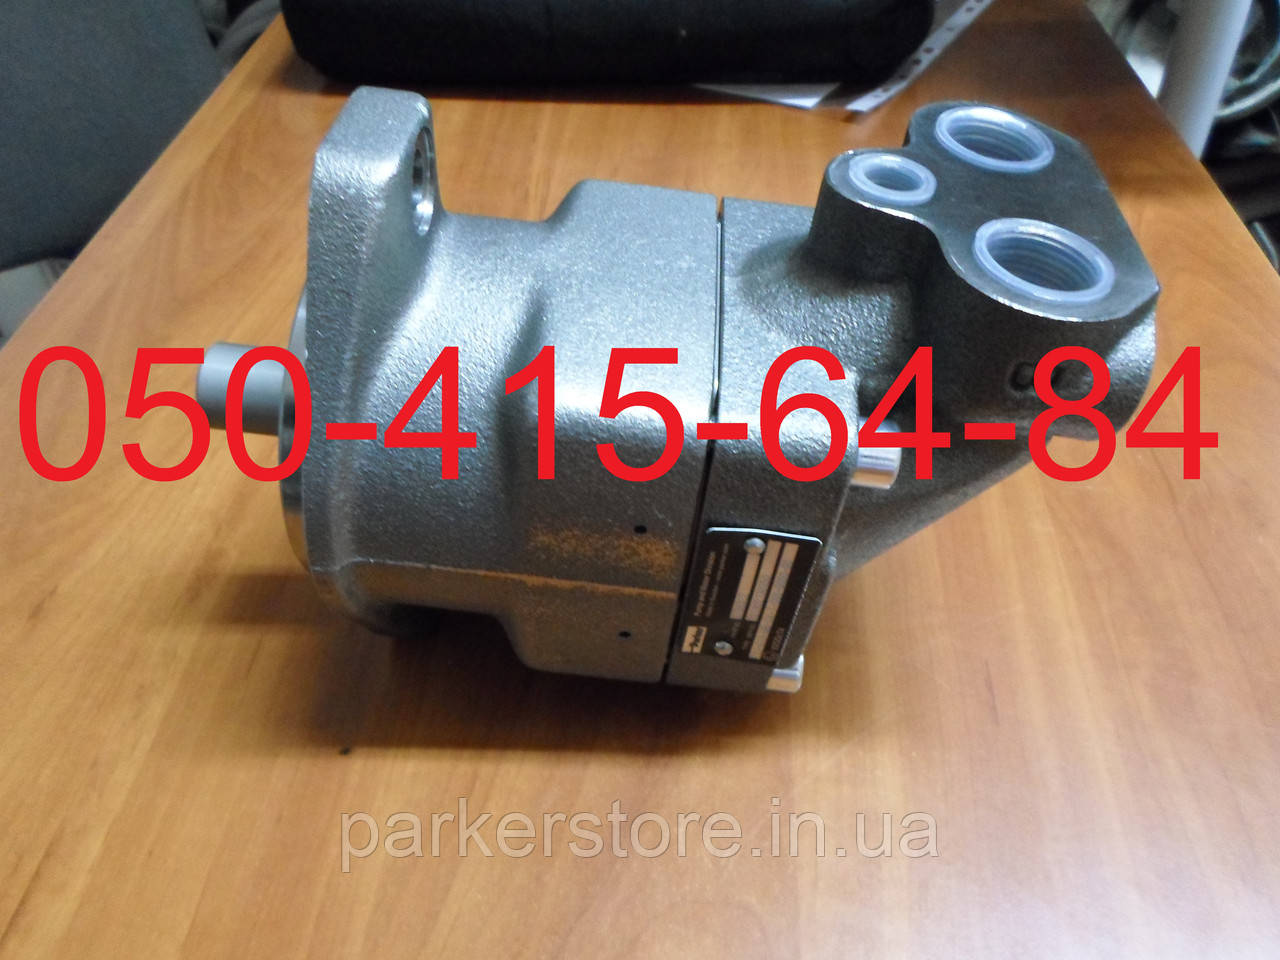 Гидромоторы Parker серии F11-005 по низкой цене от официального дистрибьютора в Украине